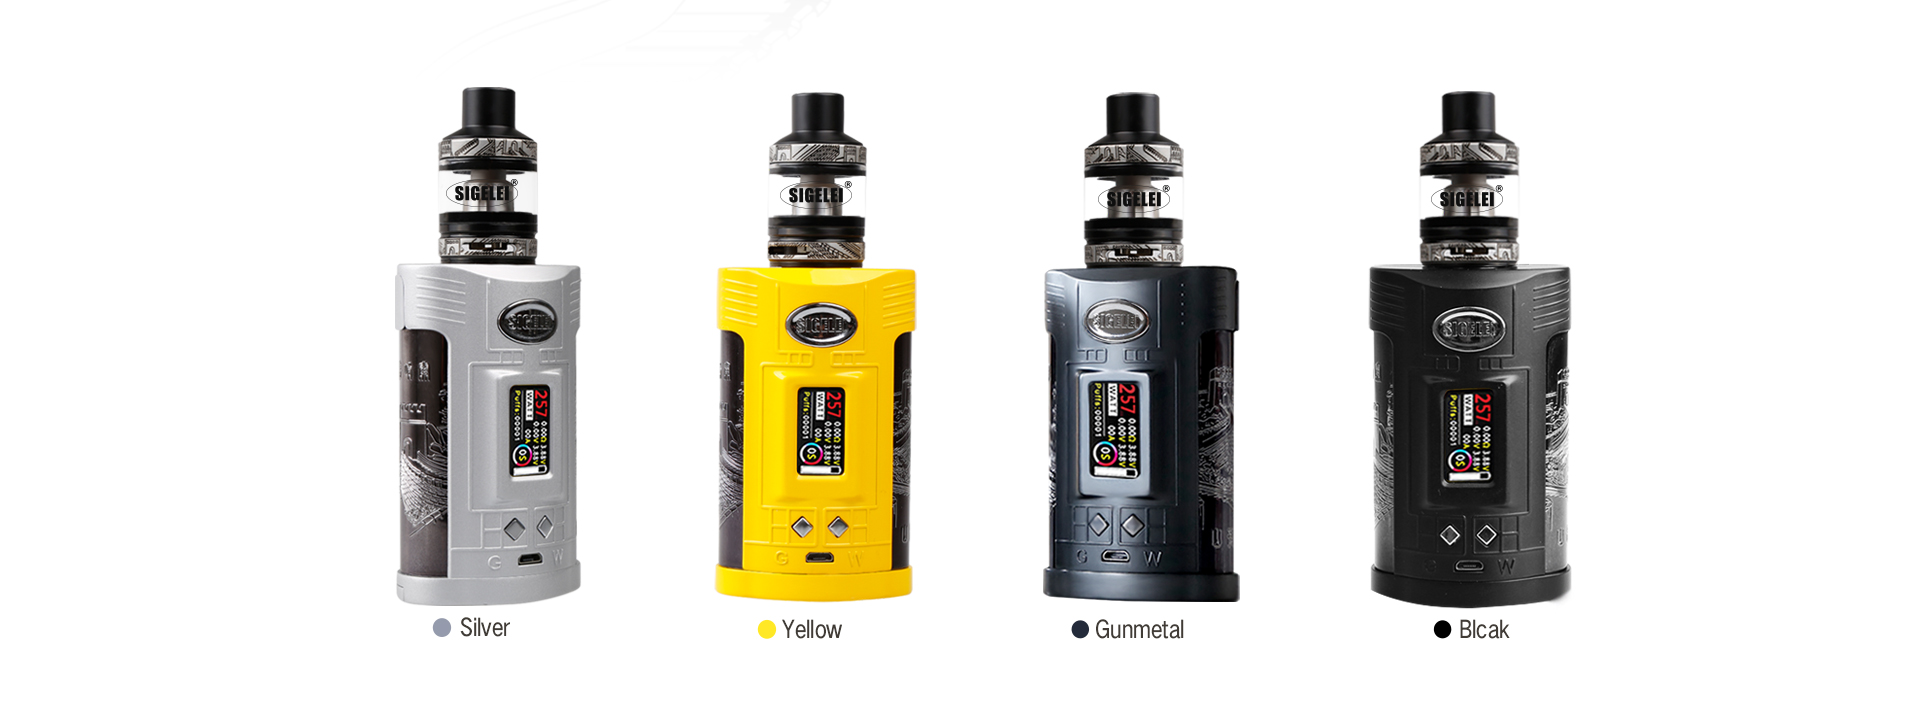 Kit Original 257 W Sigelei GW 20700 TC avec réservoir Sigelei GW MOD 257 W & F 4.5 ml & écran couleur TFT 1.0 pouces sans batterie Kit e-cig